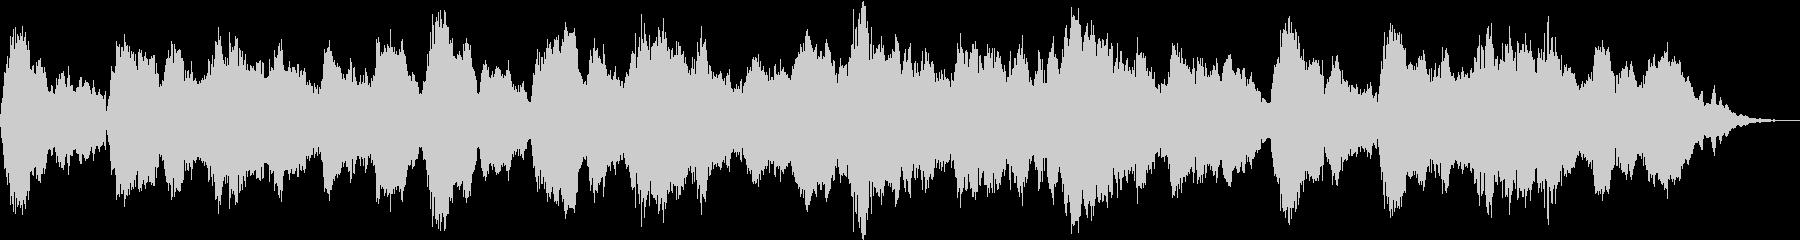 古楽風で幻想的なBGMの未再生の波形